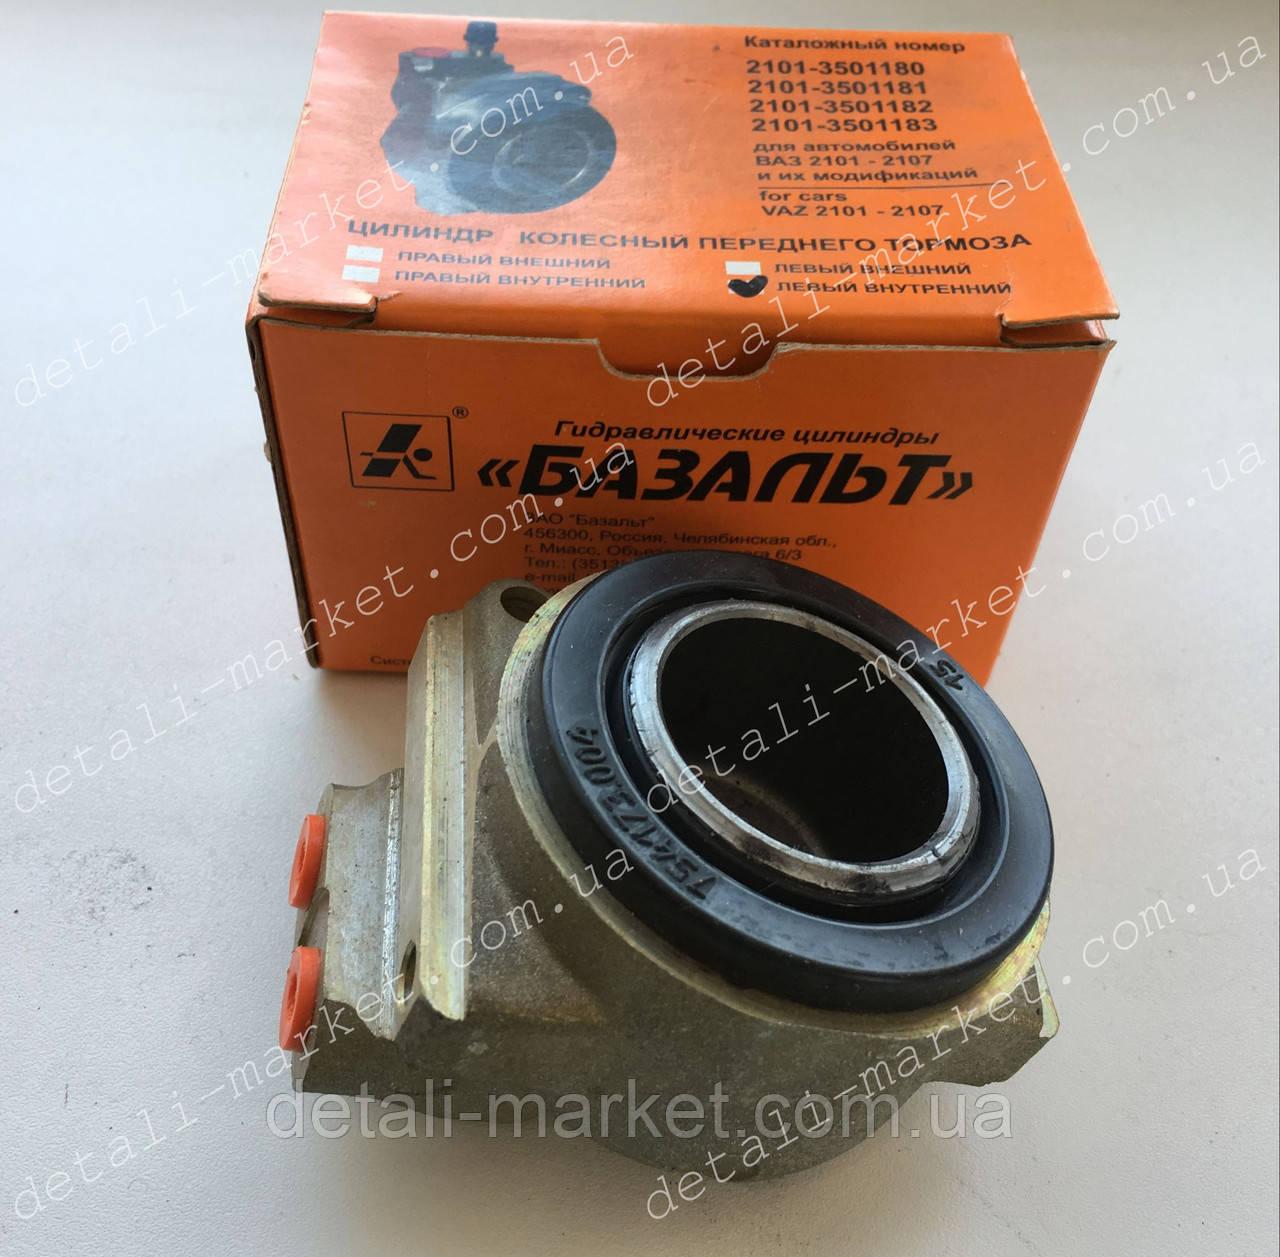 Передний тормозной цилиндр ВАЗ 2101-2107 внутренний Базальт